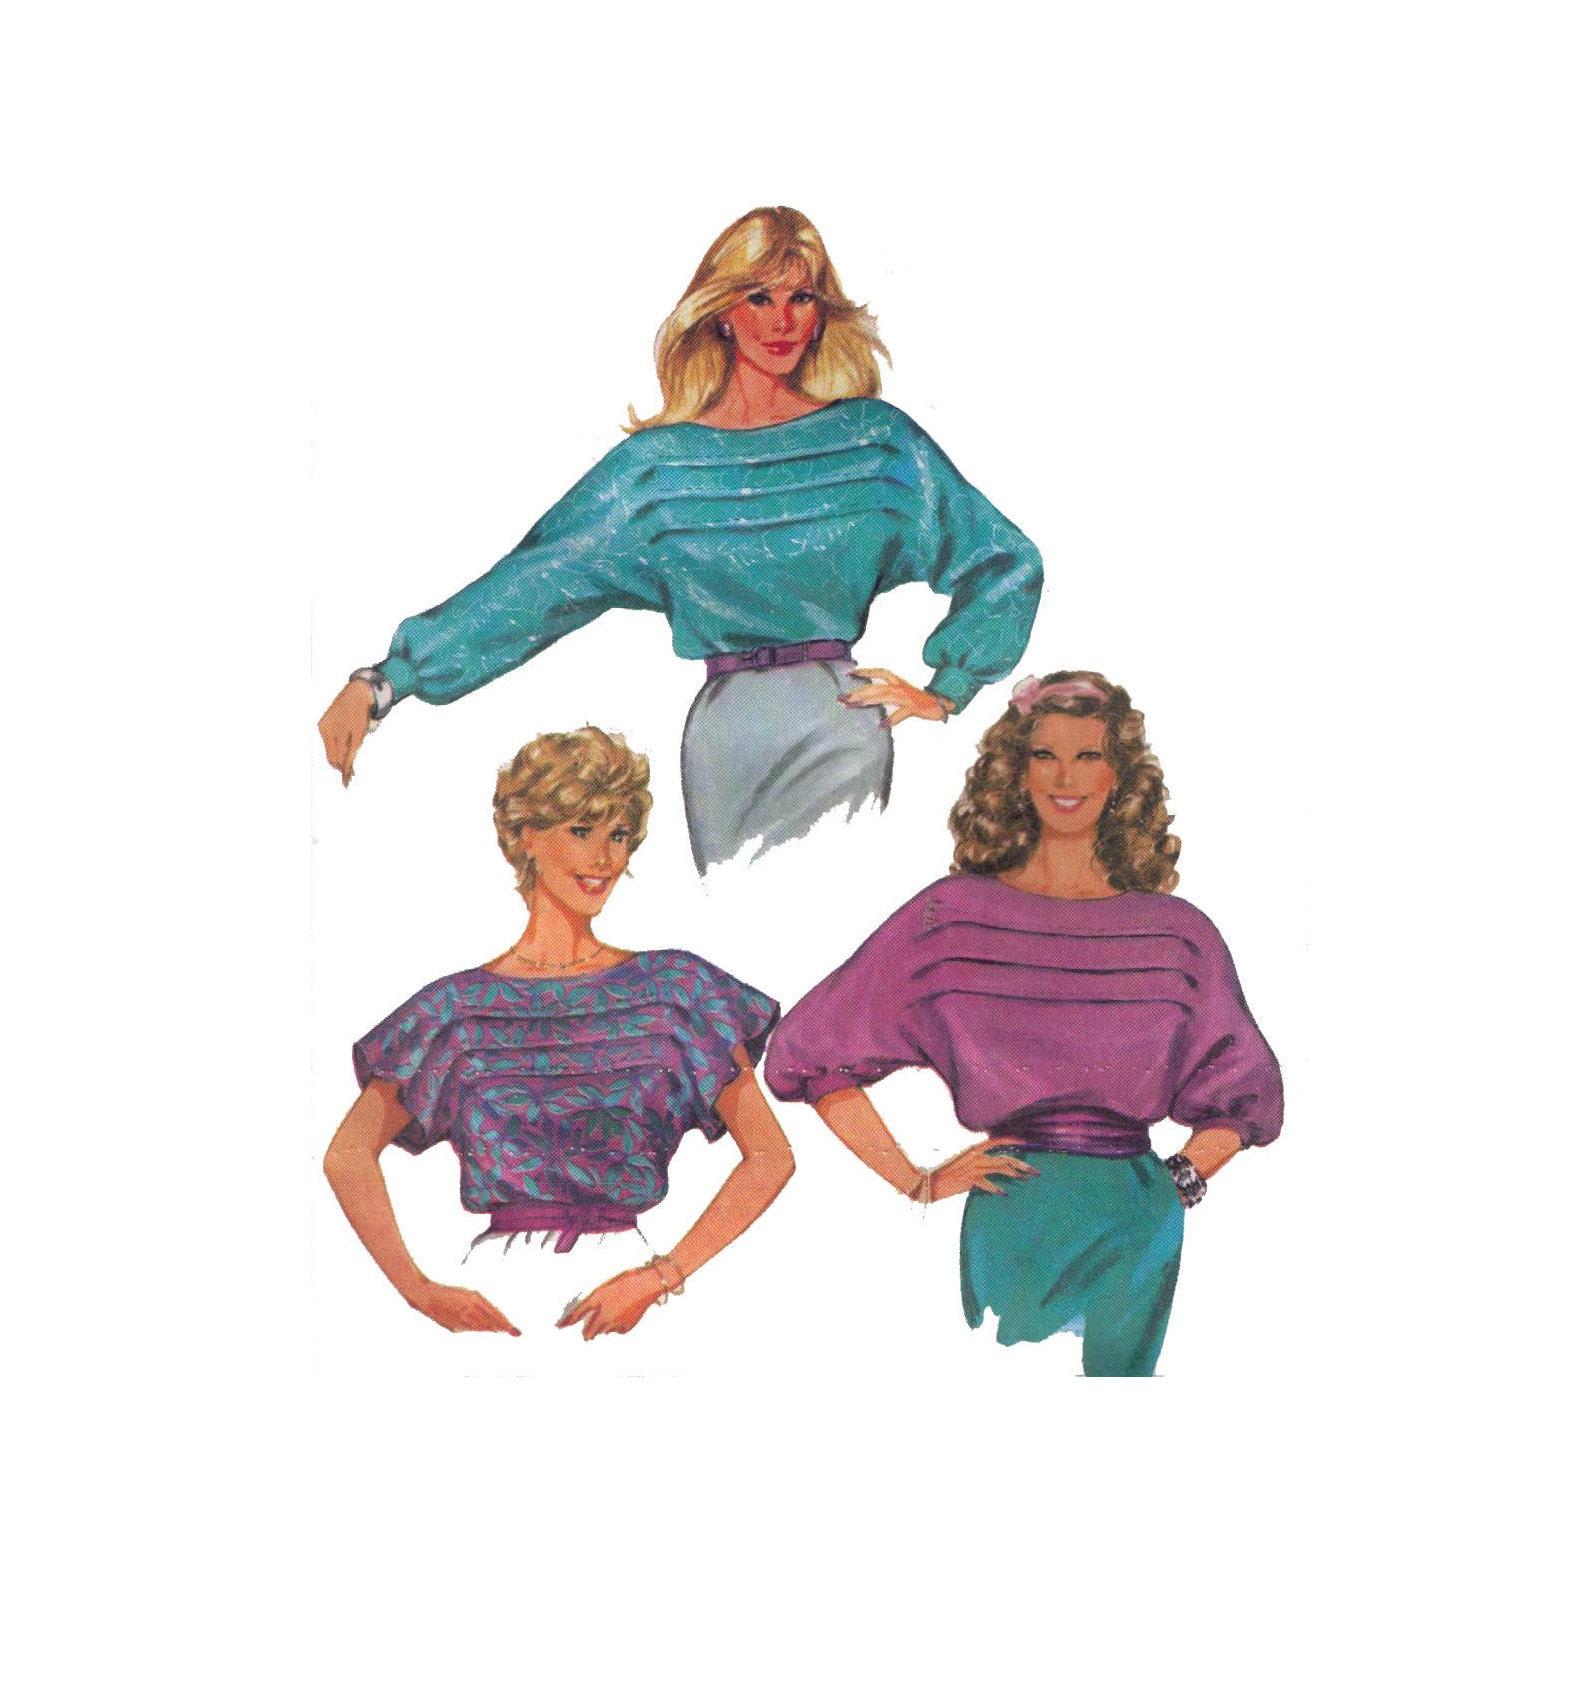 Unbeschnittenen Burda 6980 Schnittmuster Größe 8-20 Frauen